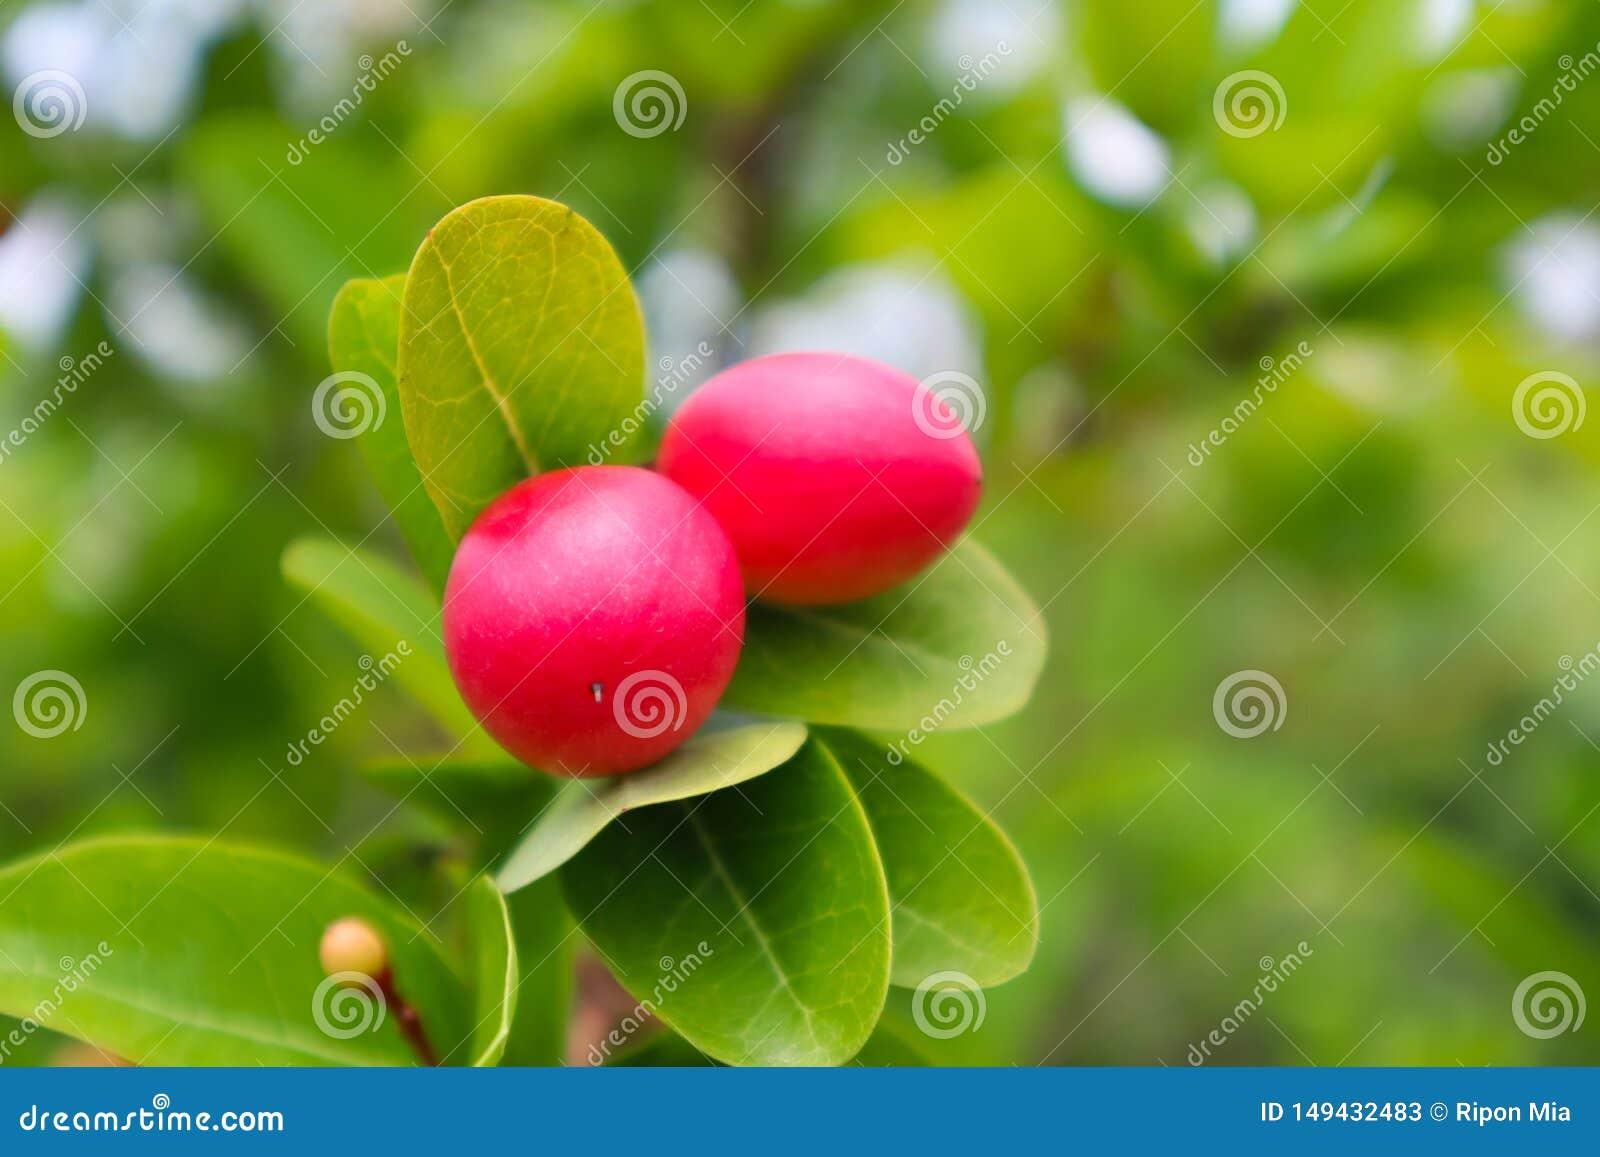 Красный плод клюквы